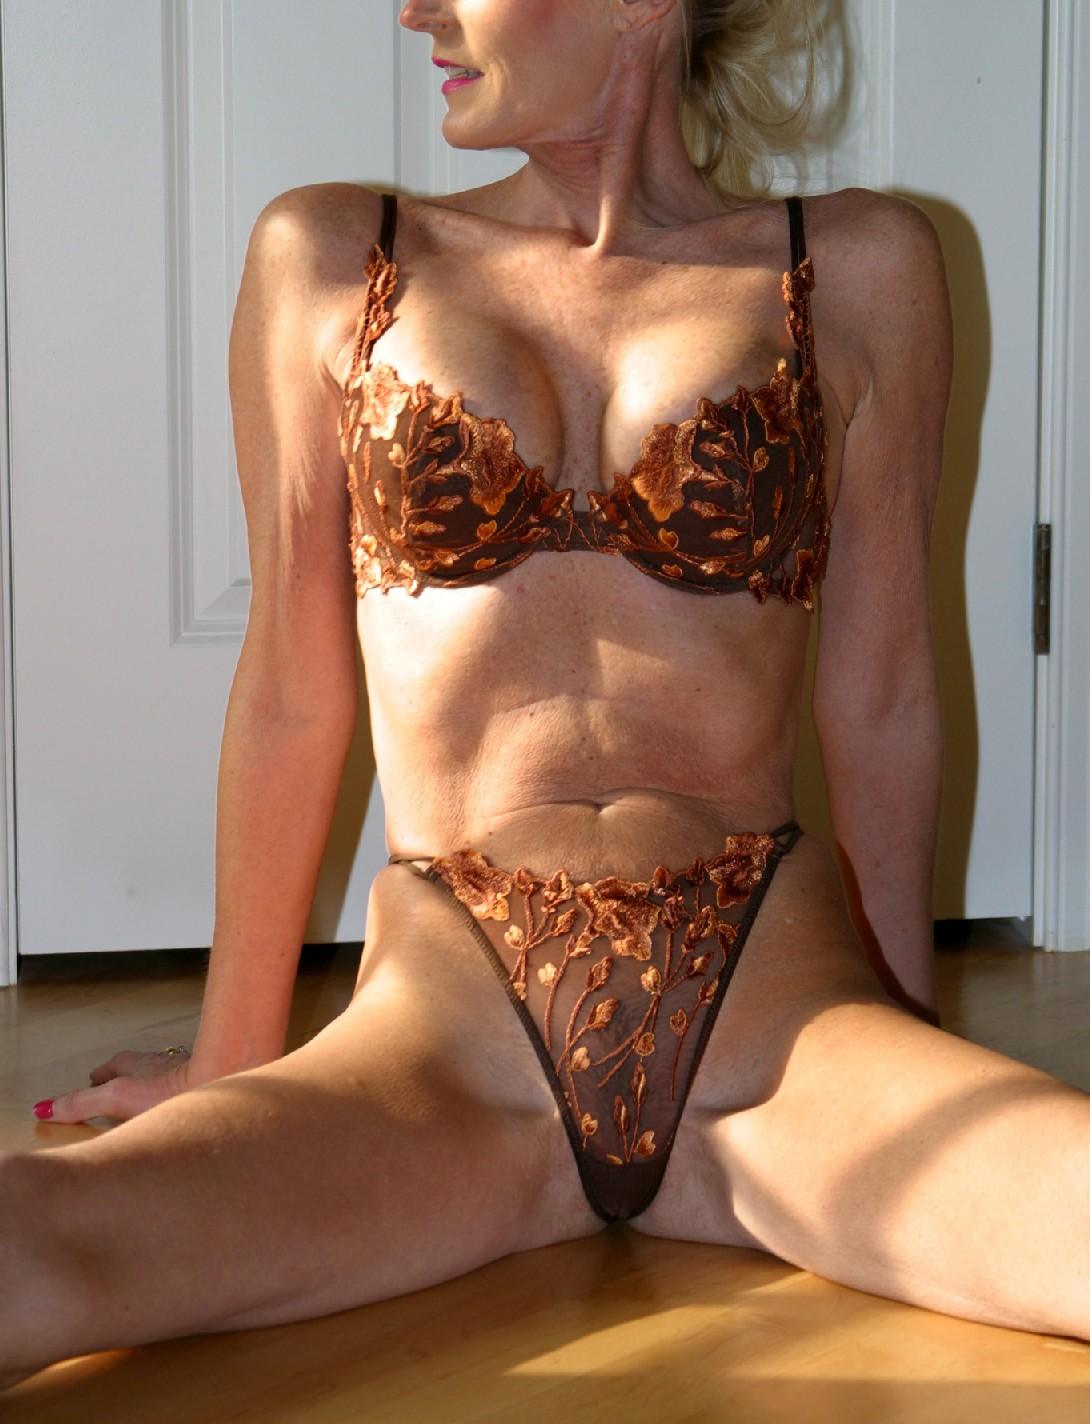 Роскошные мамаши балуются со своими трусами и демонстрируют красивая грудь